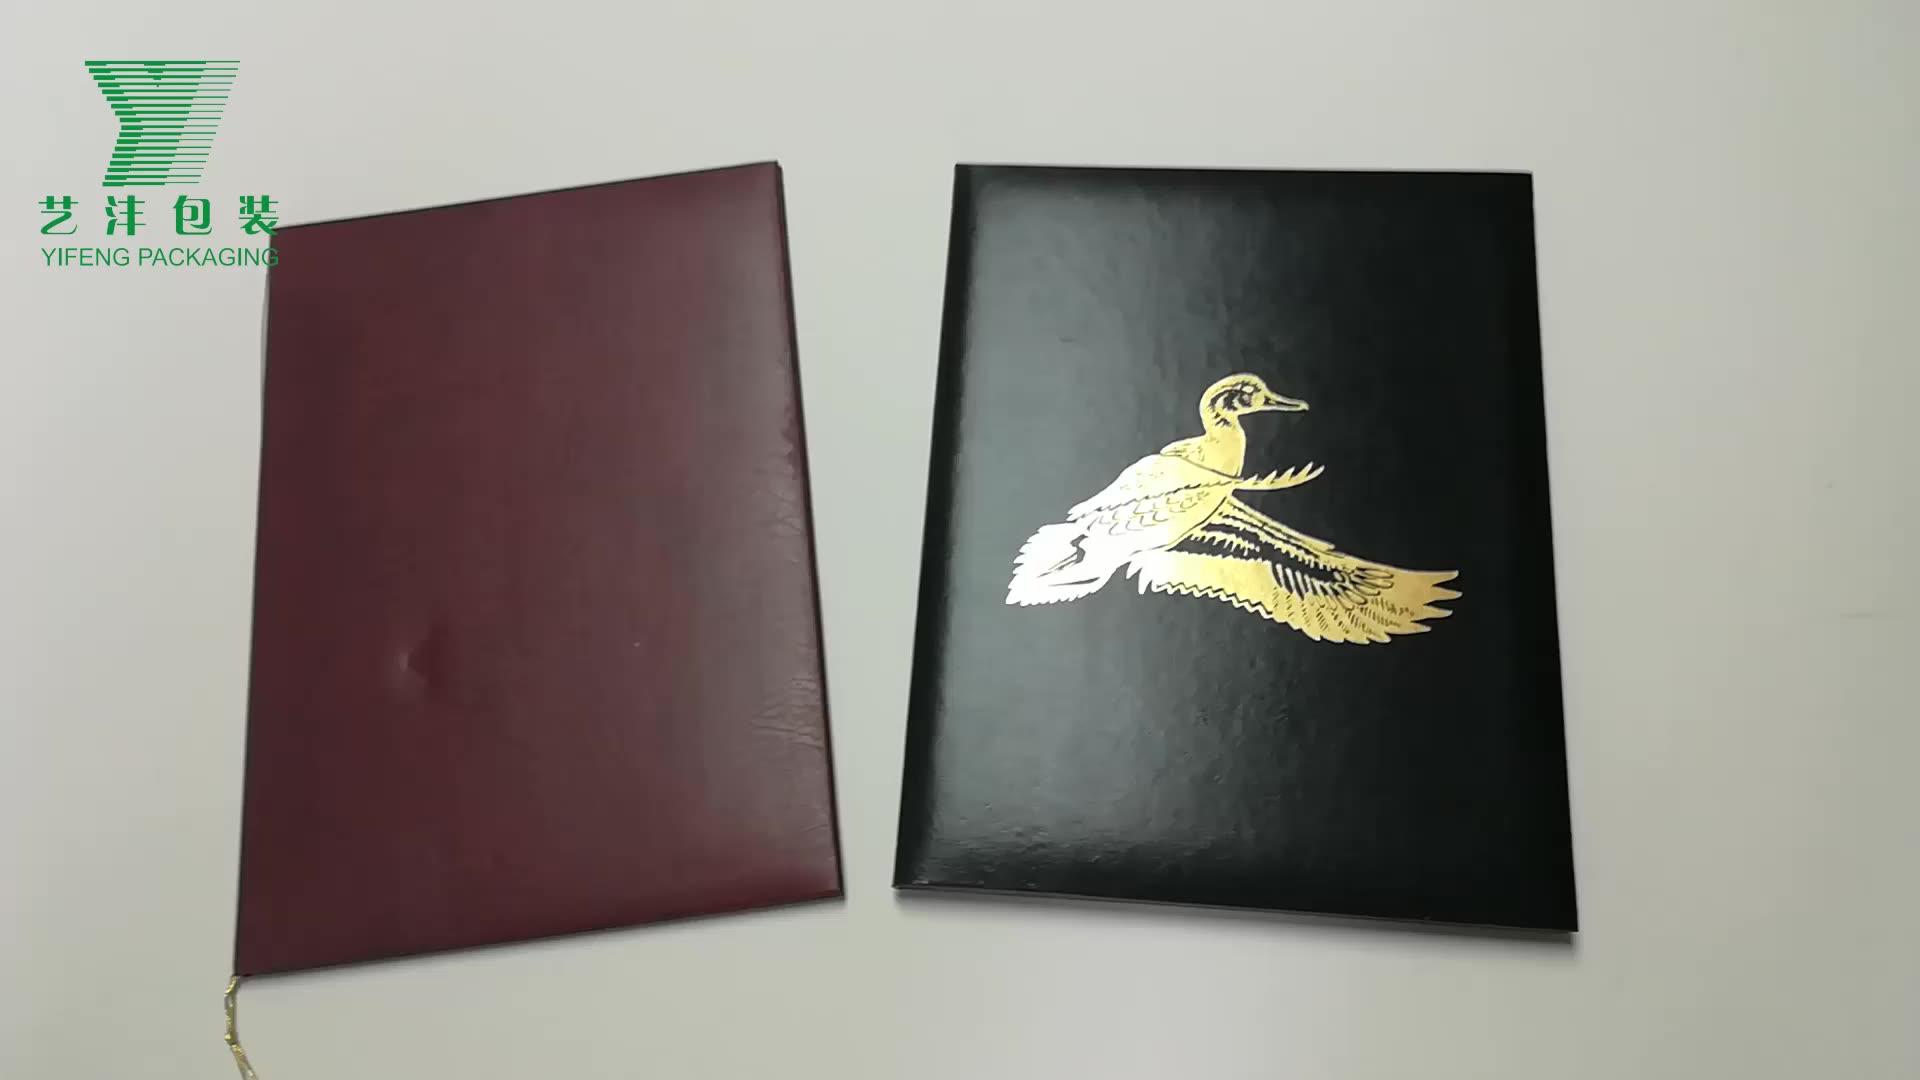 골판지 leatherette 종이 폴더 메뉴 커버 9.5x11.6 더블 패널 메뉴 홀더 사진 앨범 코너